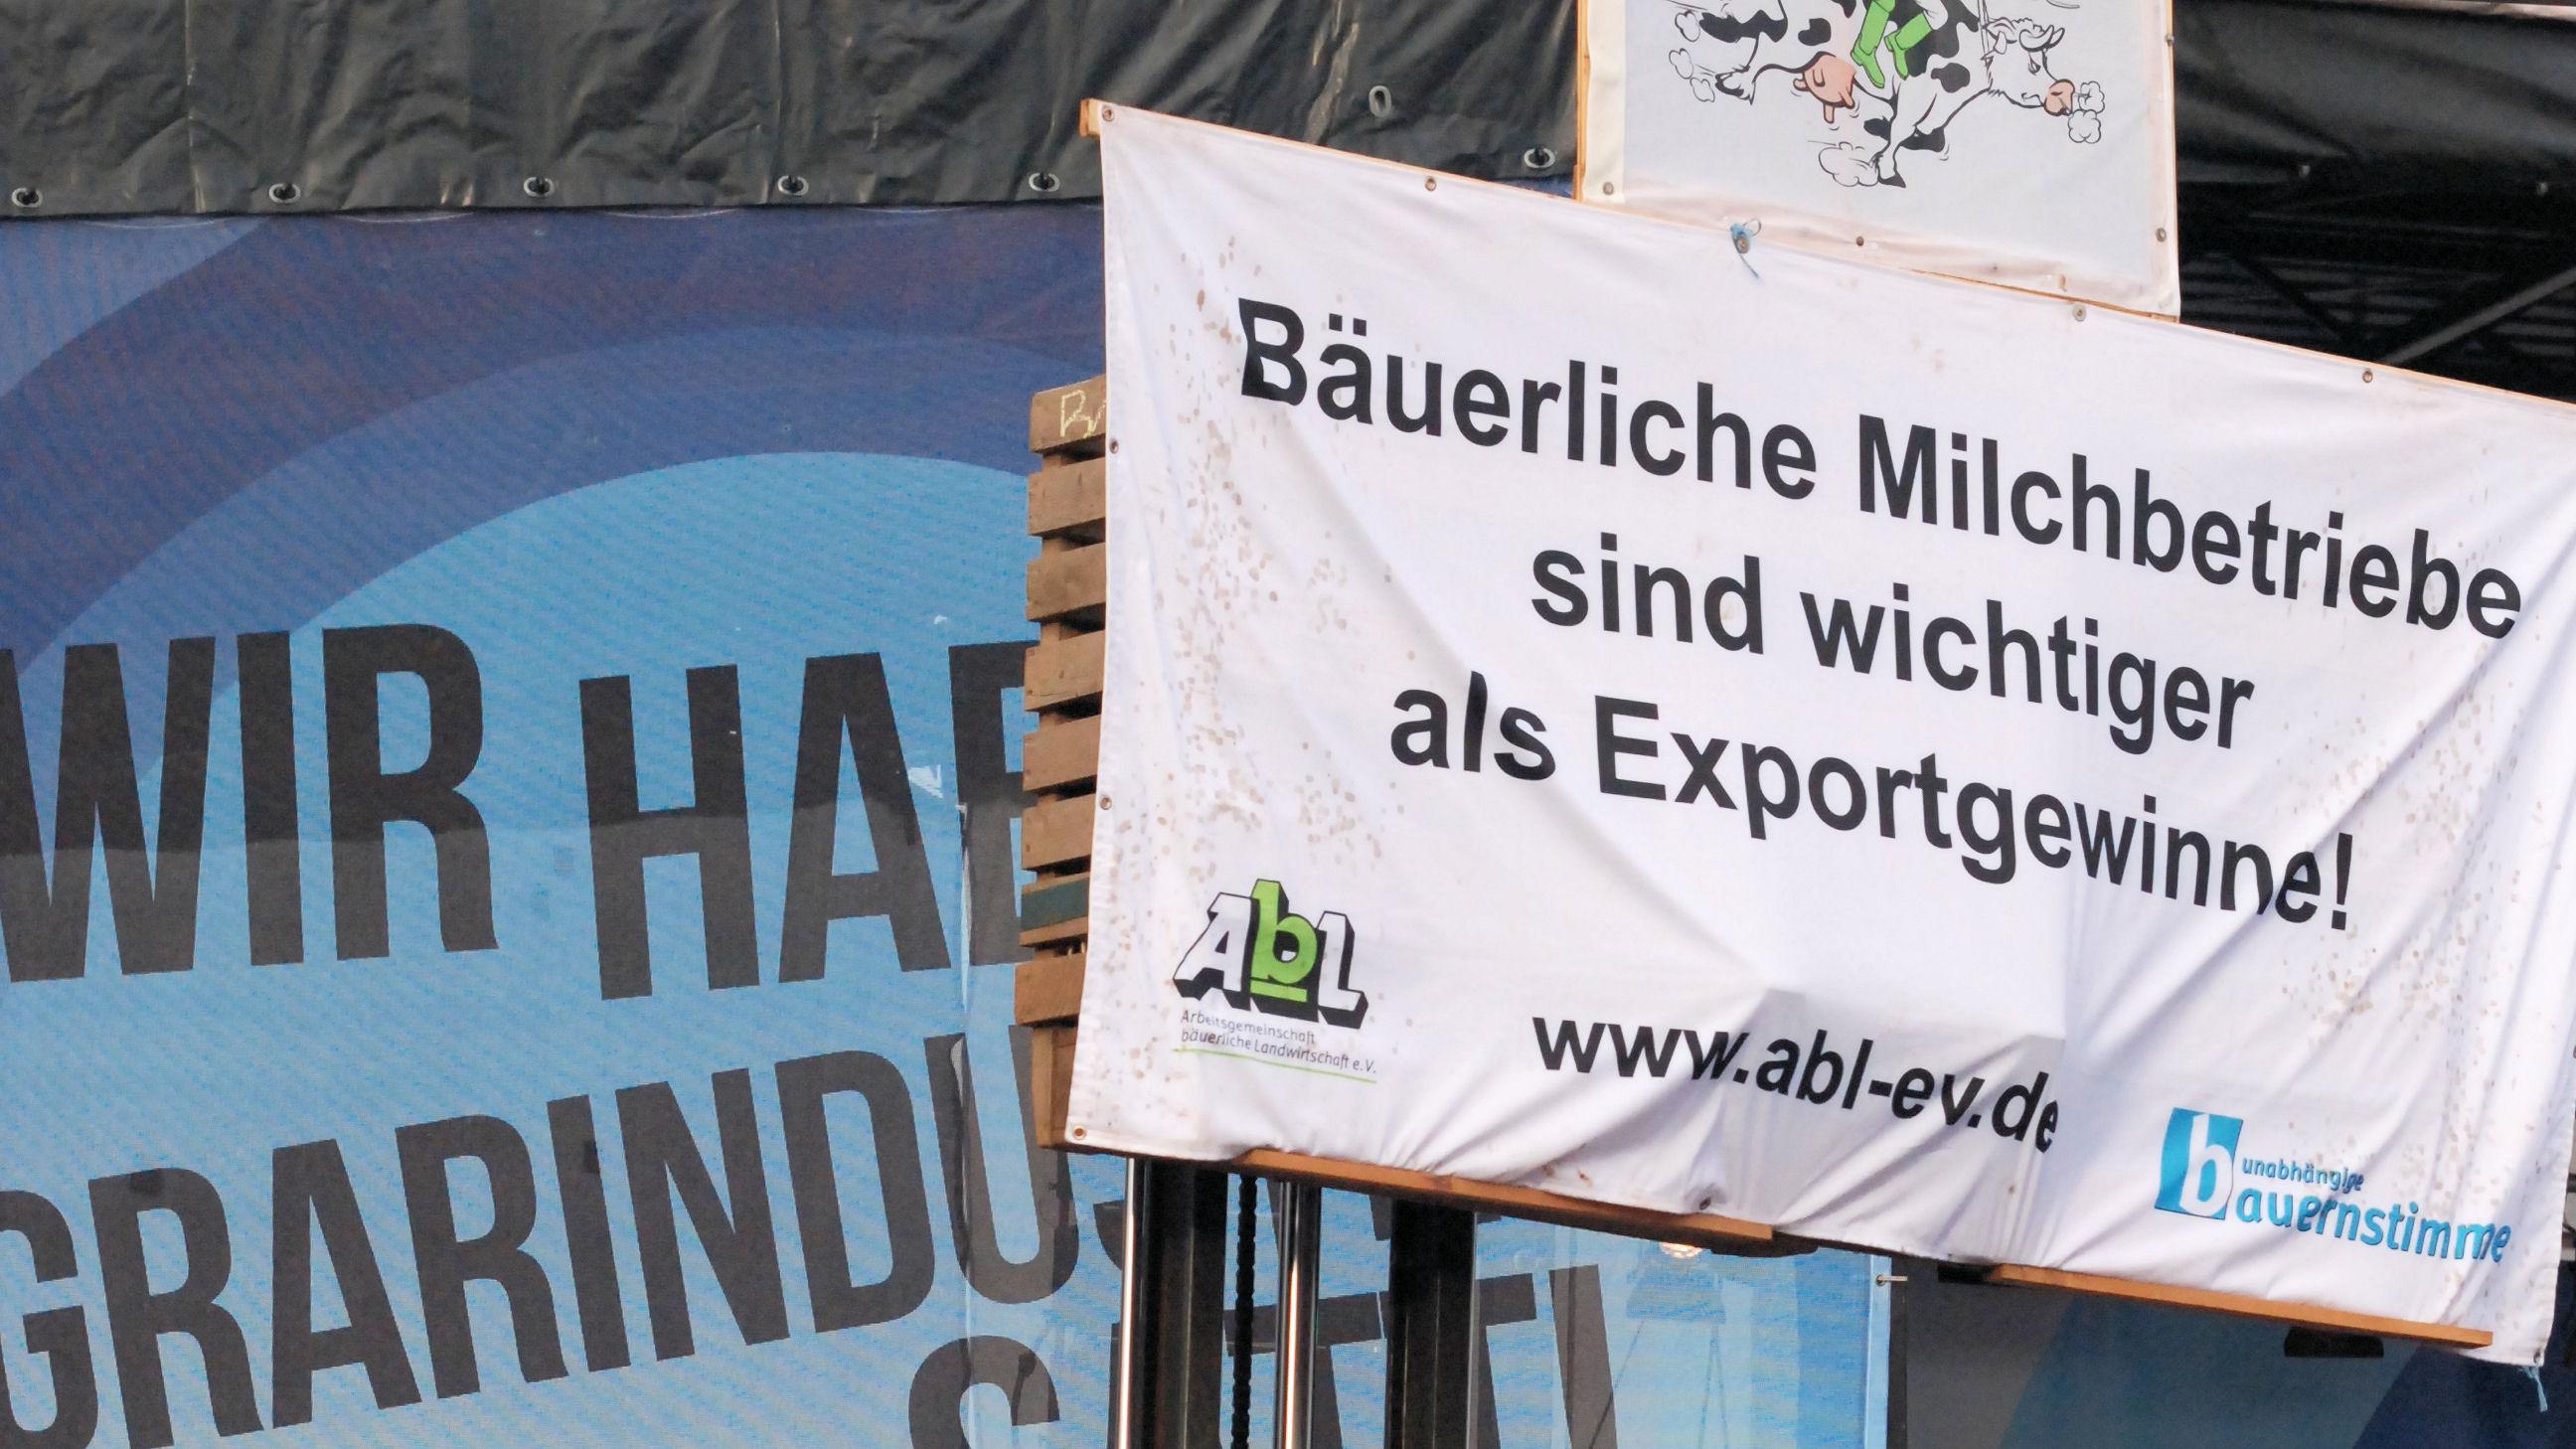 Milchbetriebe-wichtiger-als-Exportgewinne.JPG